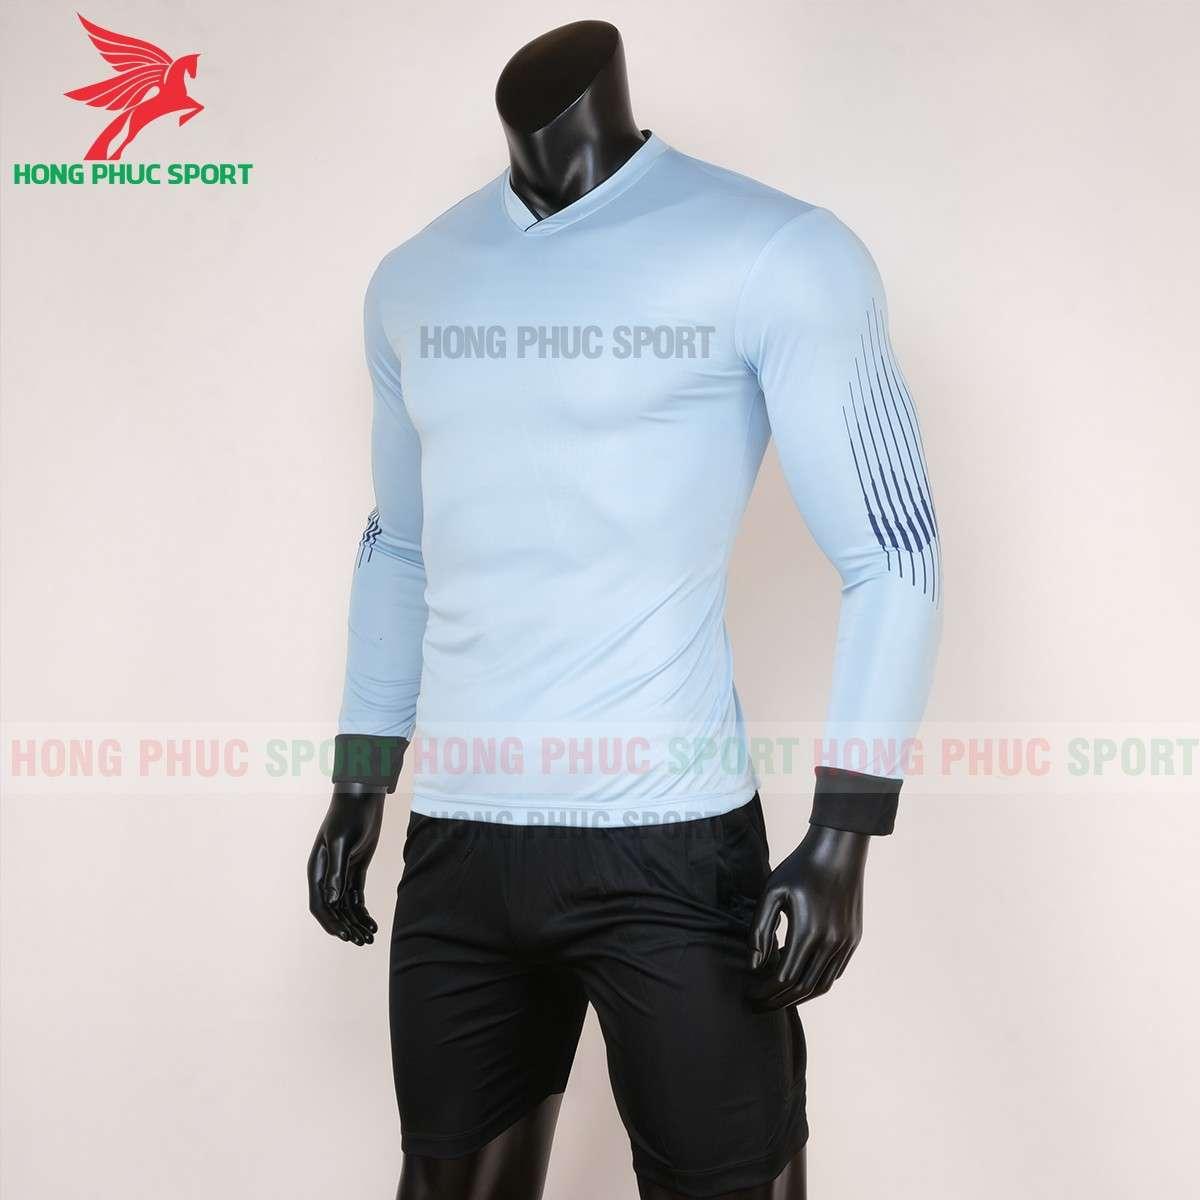 Bộ quầnáo đấu thủ môn tay dài 2020 màu xanh ghi